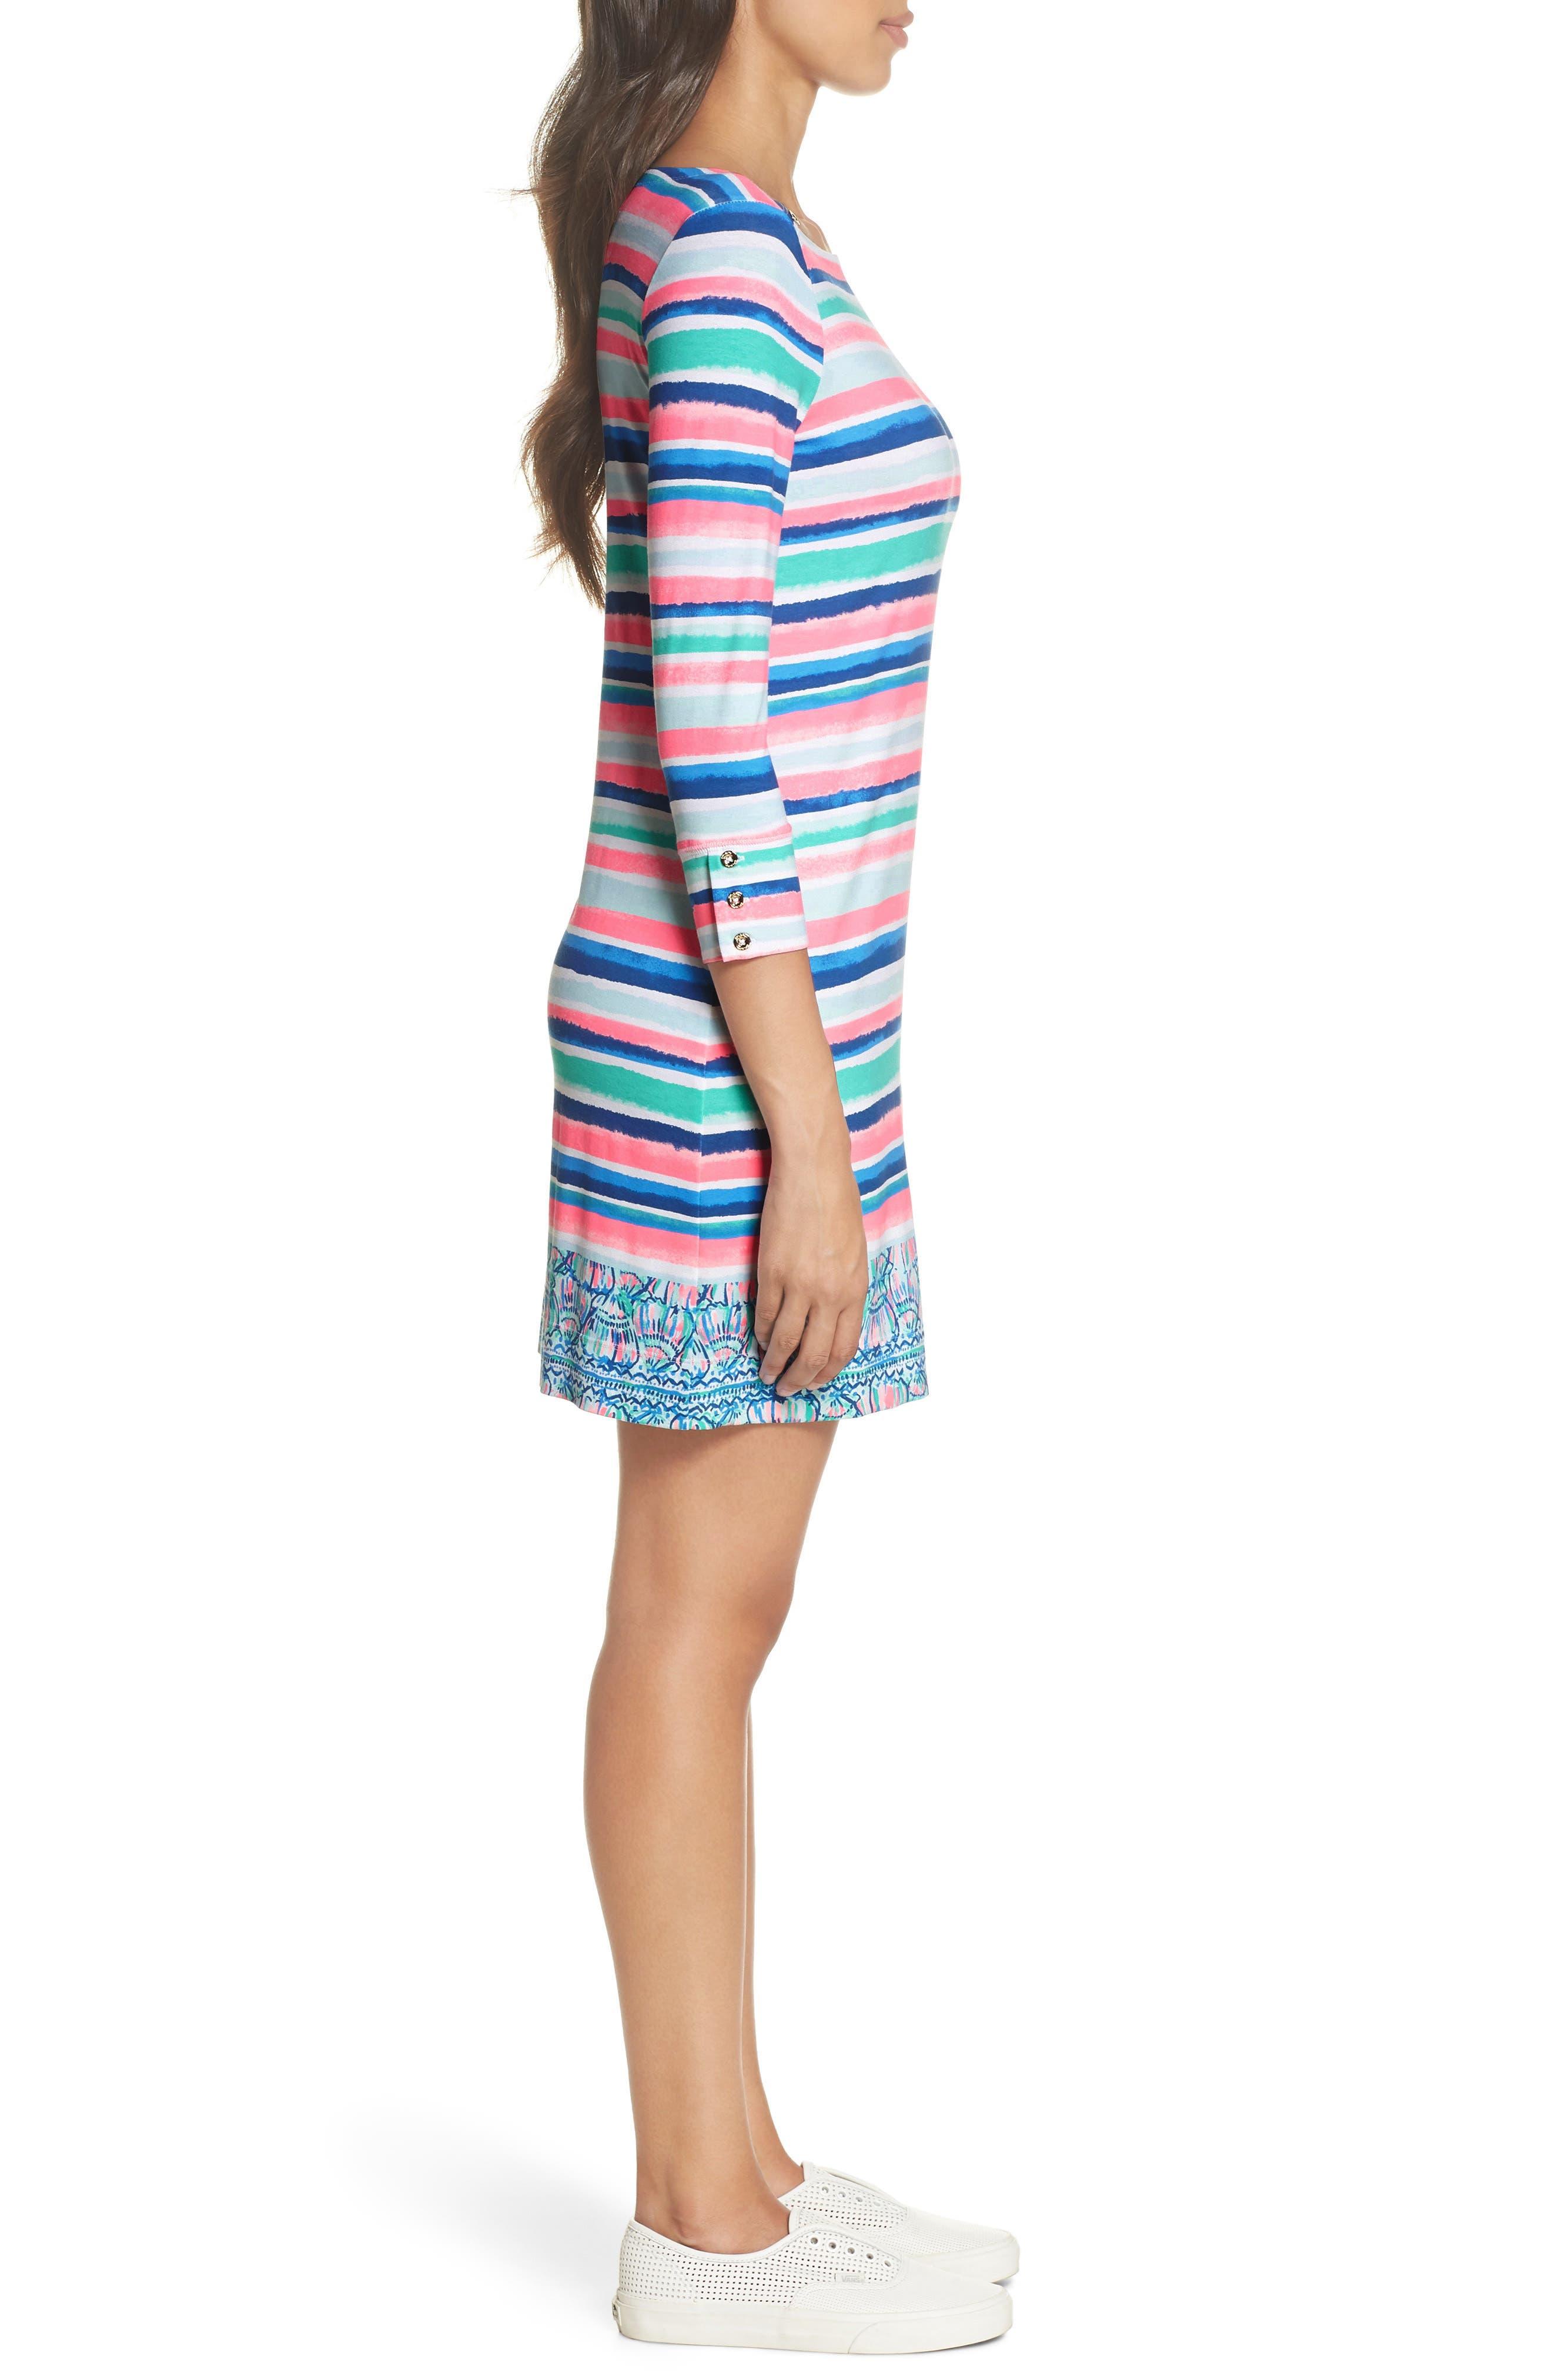 Sophie UPF 50+ Dress,                             Alternate thumbnail 3, color,                             MULTI SANDY SHELL STRIPE